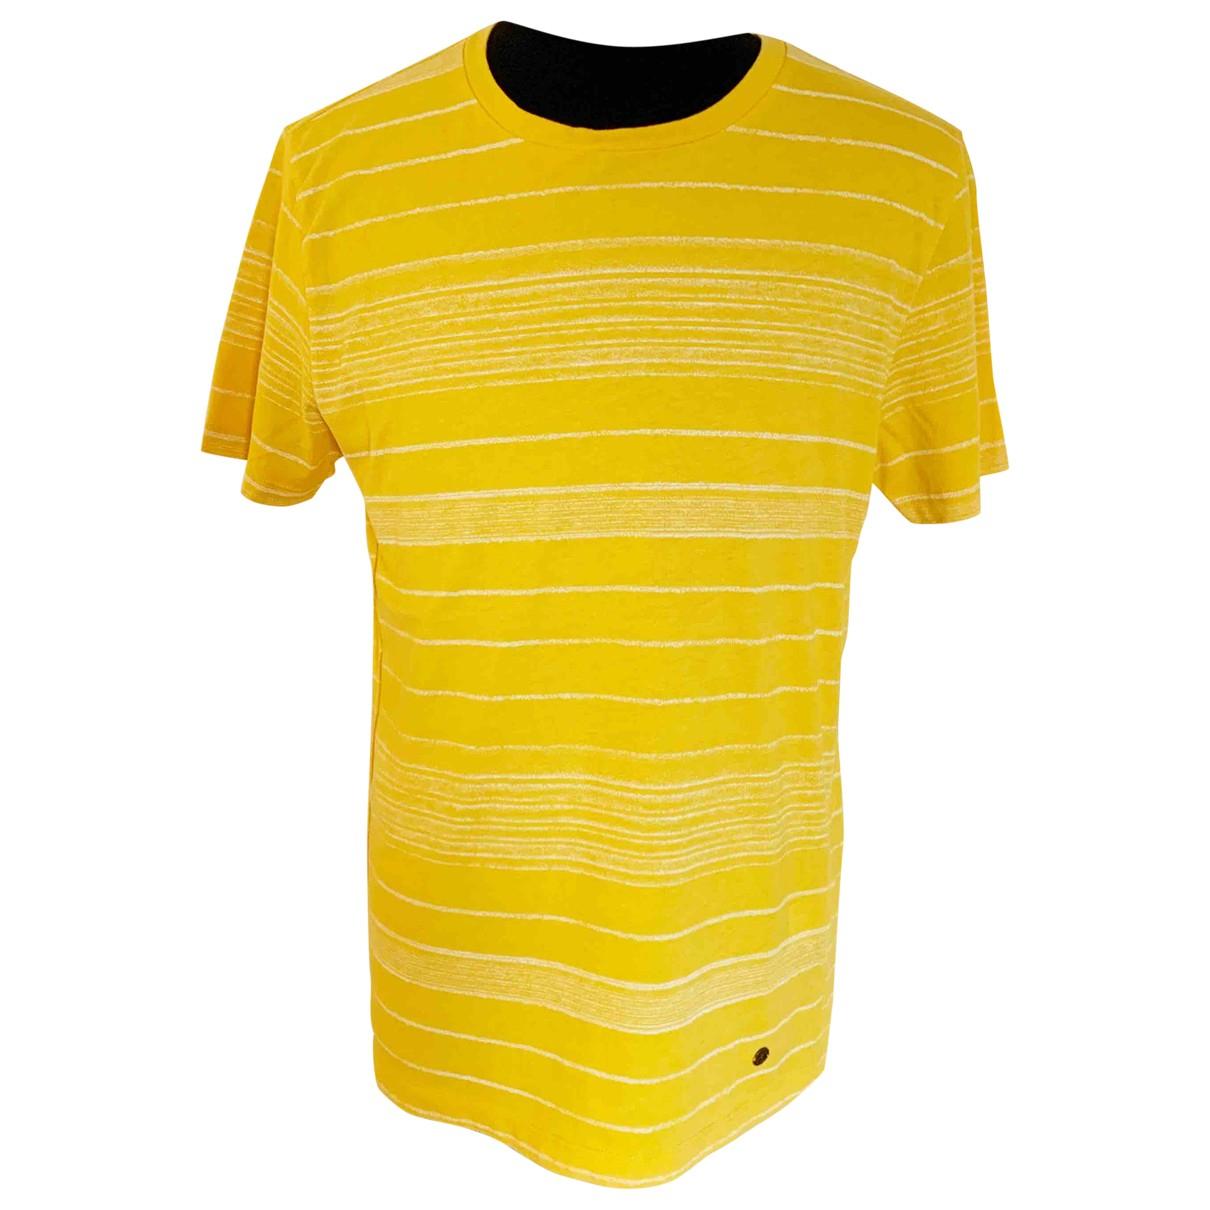 Boss - Tee shirts   pour homme en coton - jaune